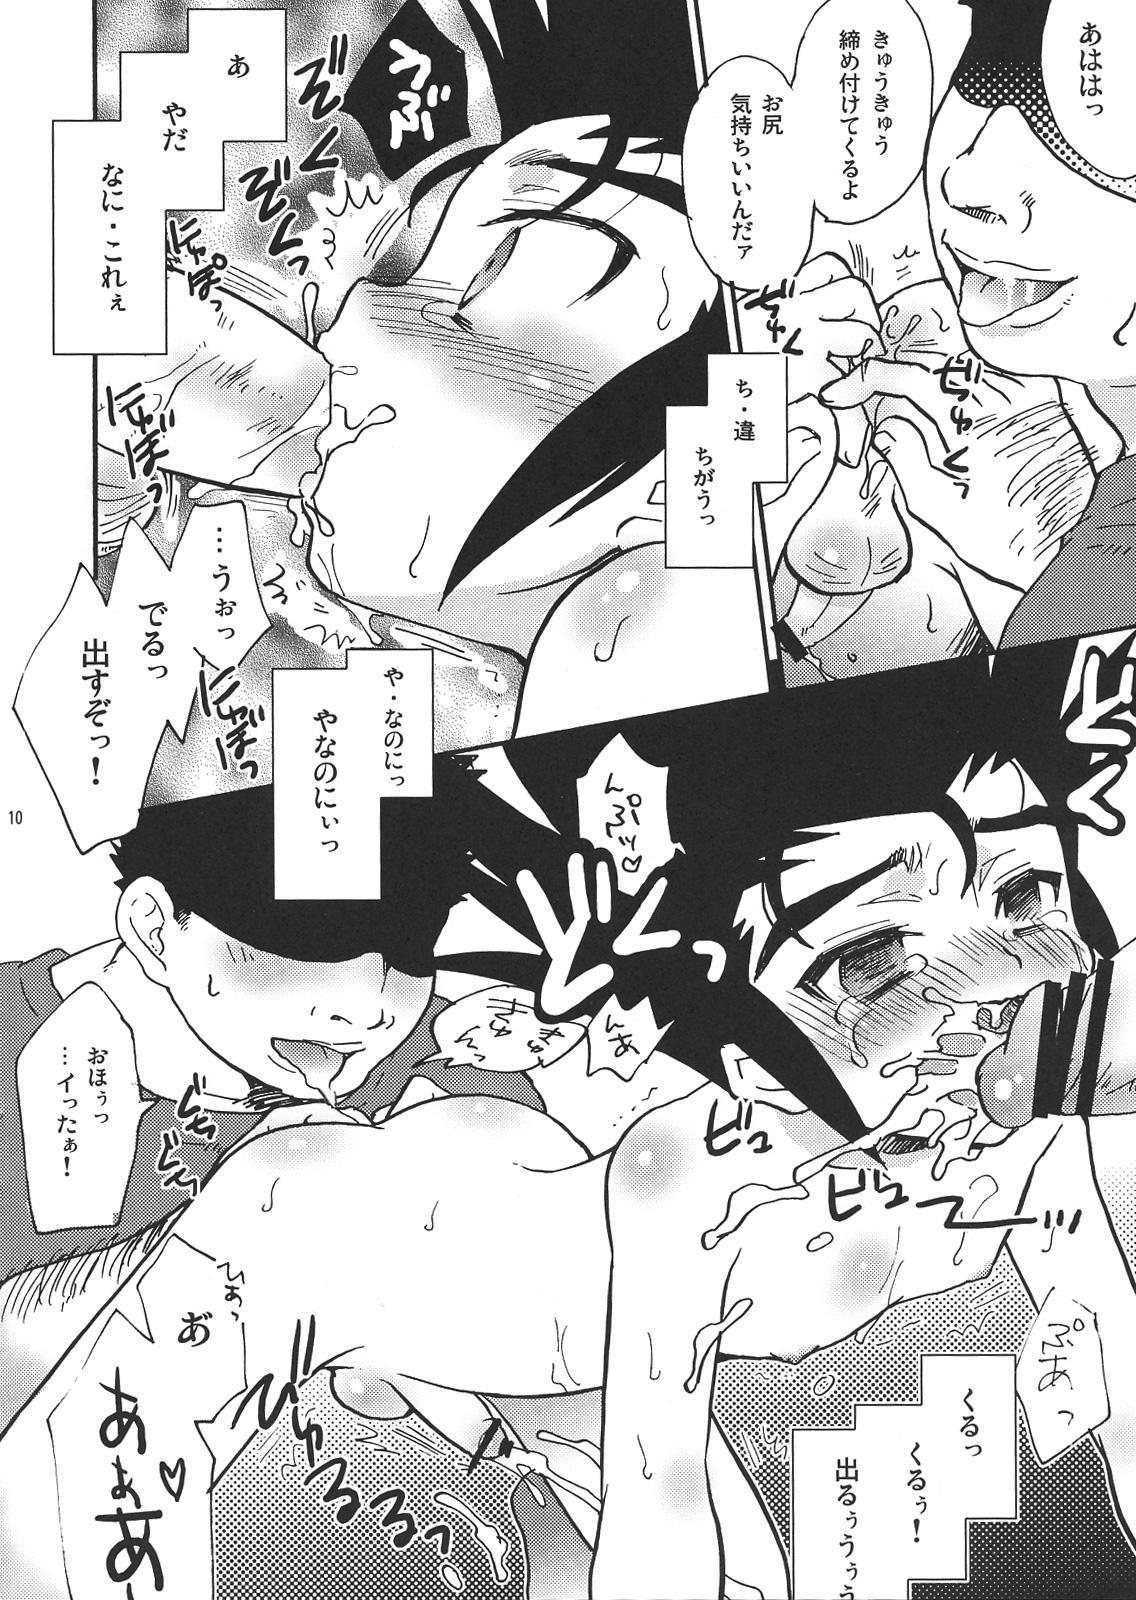 [Neruneru (Nerune)] Come-Come Kamui-kun! (Cardfight!! Vanguard) 9